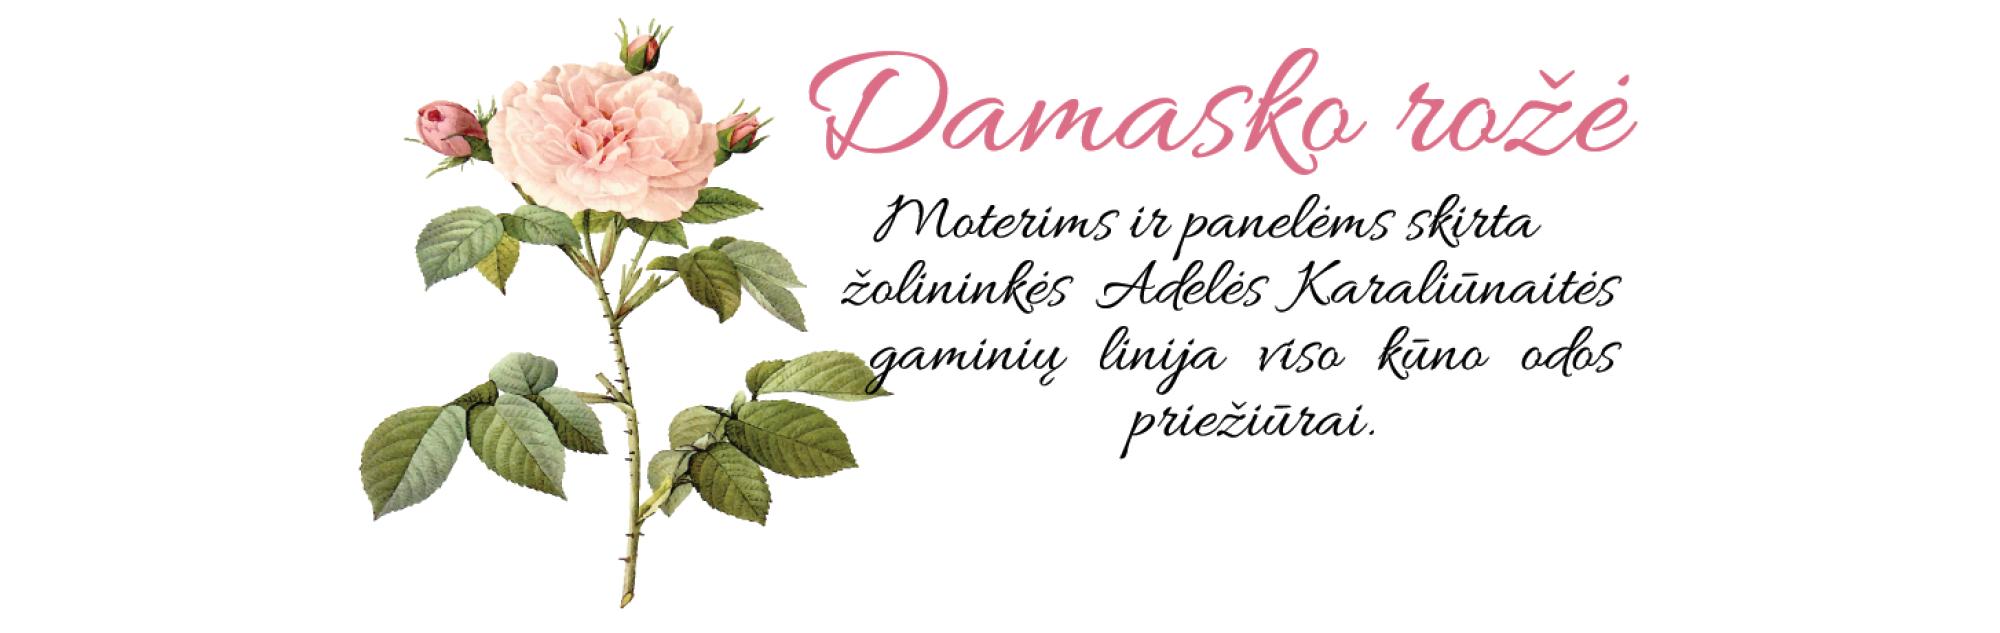 damasko roze